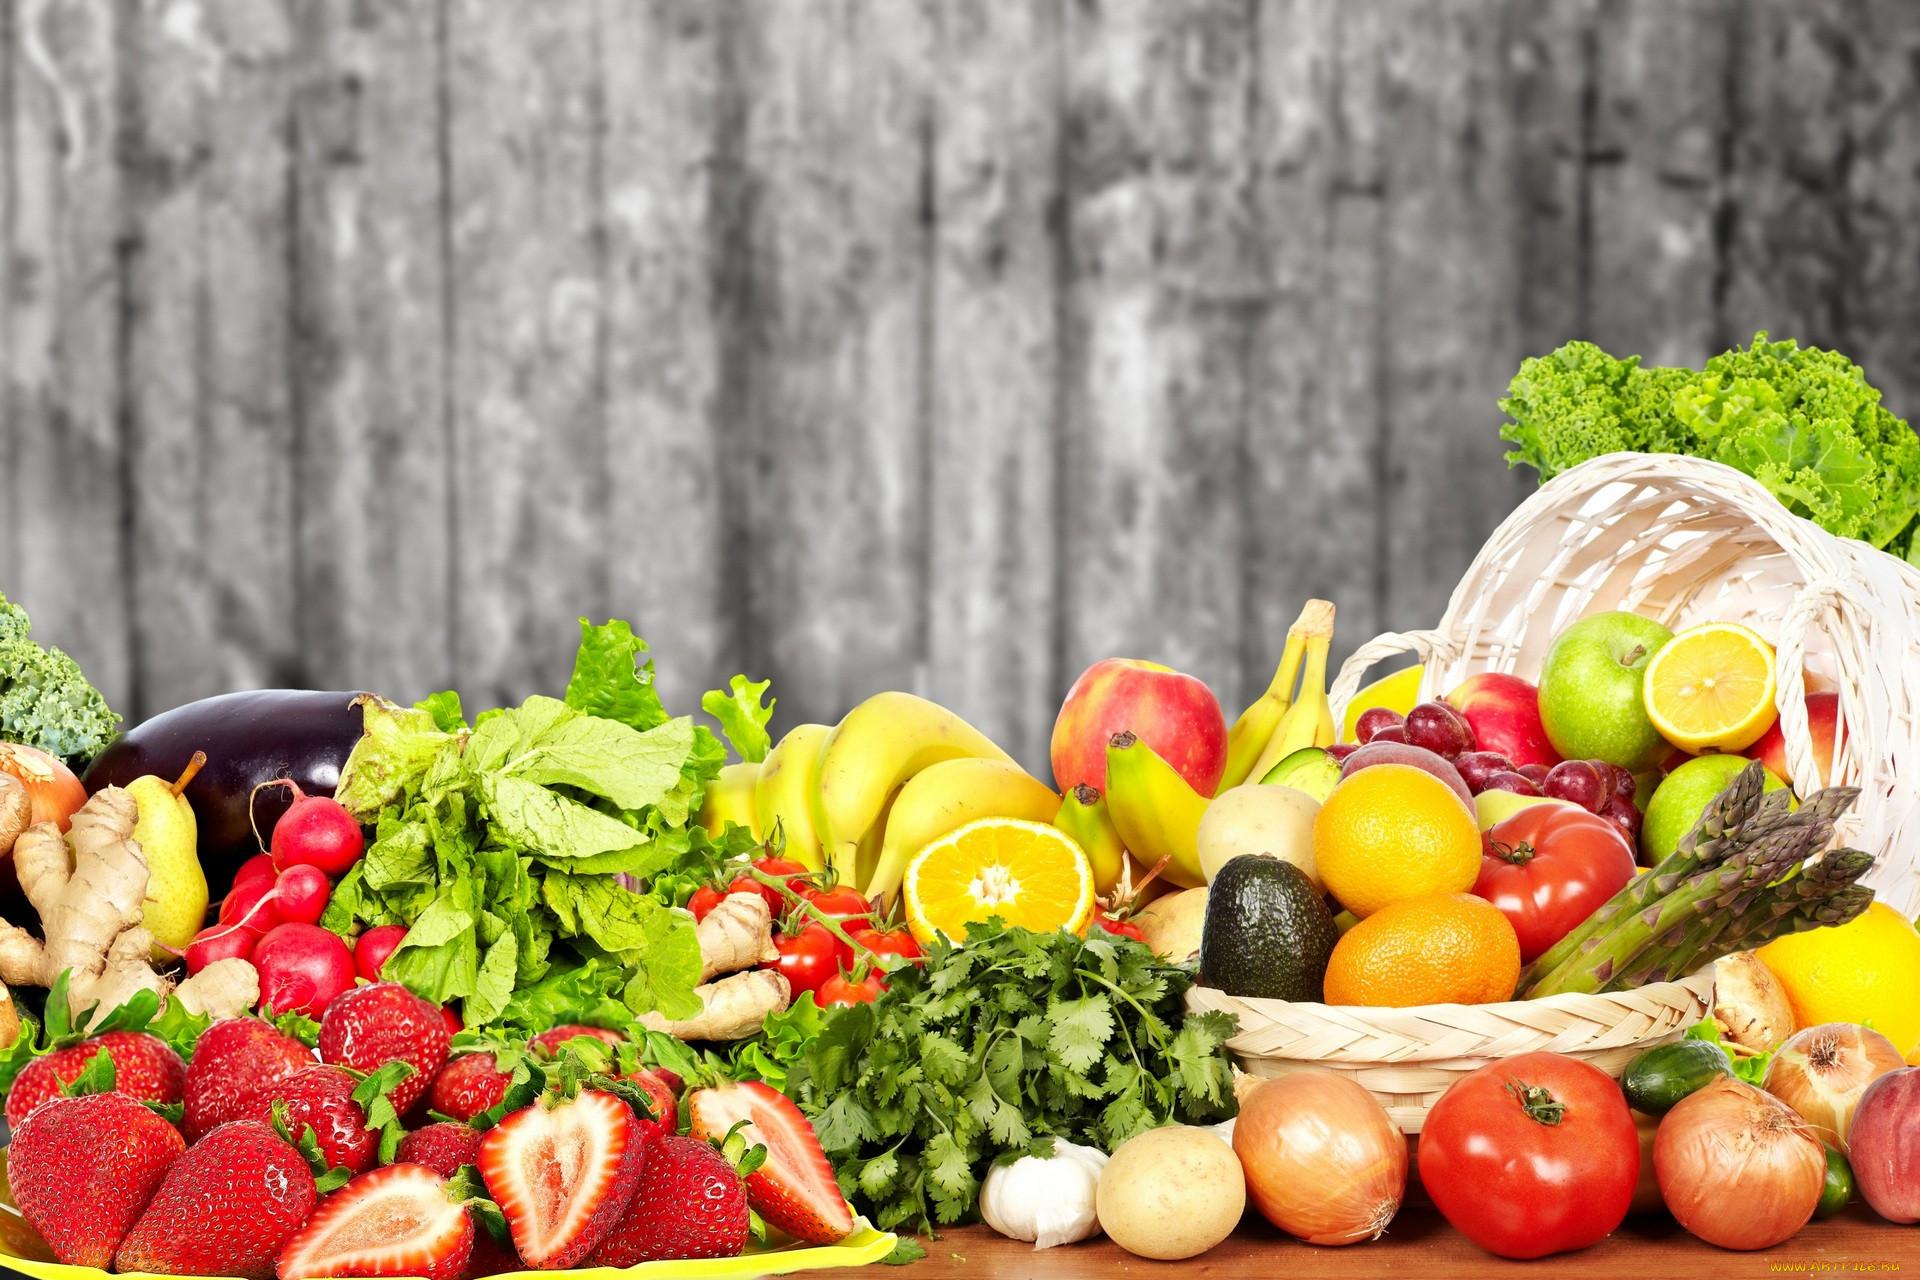 картинки еды для баннера зима холодная сухая